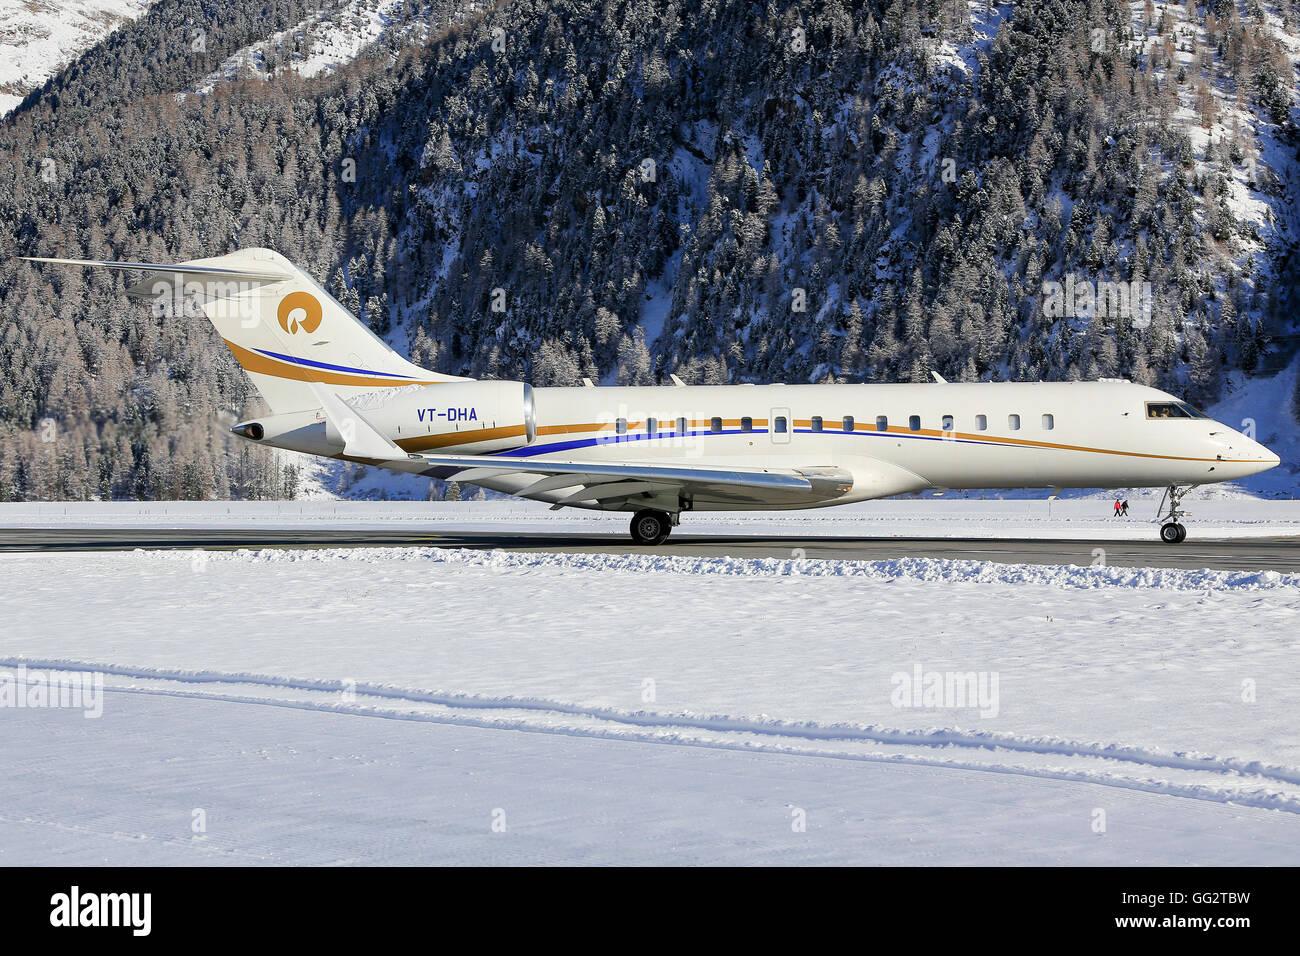 Businessjet loin de son port d'attache à l'aéroport de Samedan Engadin/Suisse 03.01.2016 Photo Stock